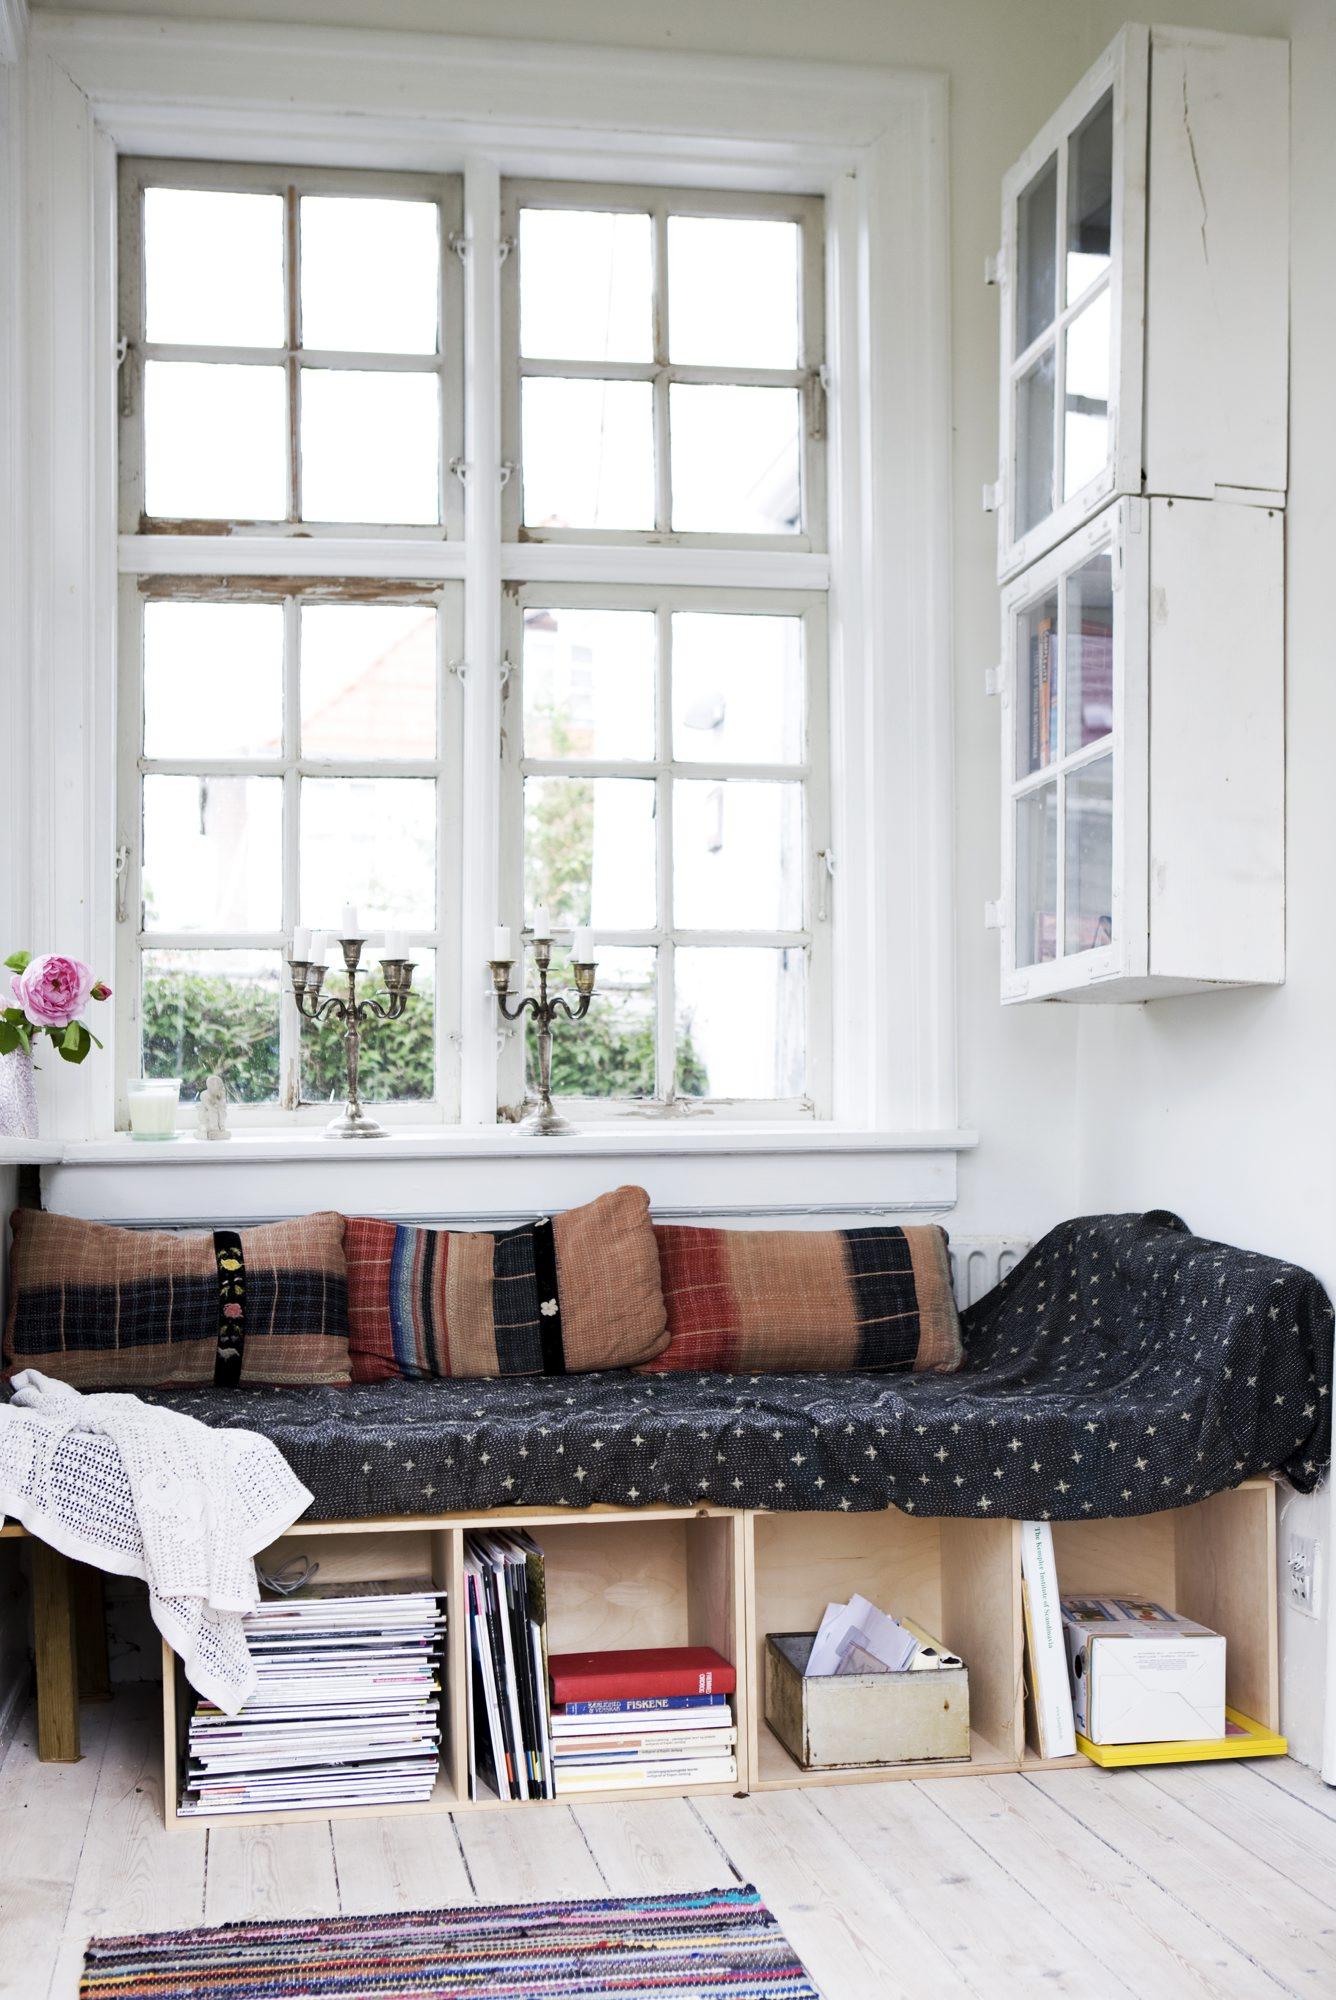 I husets entré er det god plass. Kassene under benken gir ekstra oppbevaring. Skapet på veggen består av malte kasser med gamle vinduer som dører.